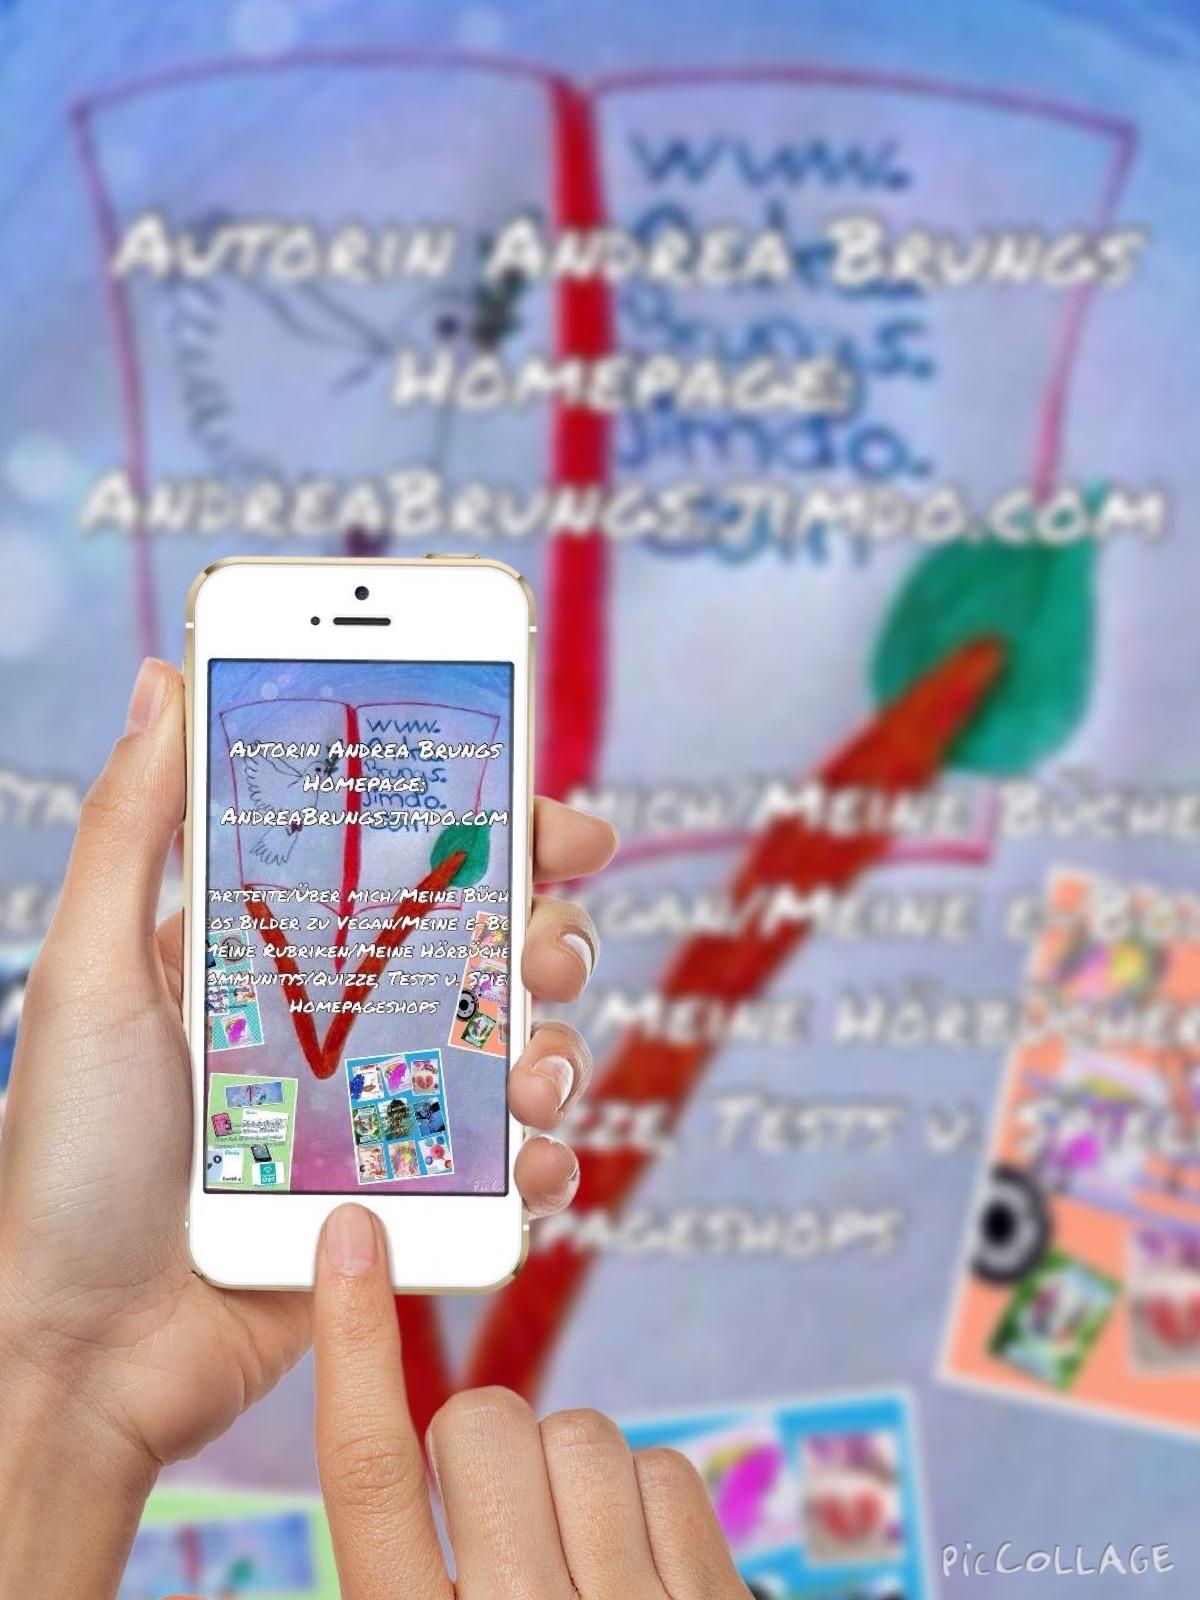 Die Homepage auch für mobile Geräte   Wer öfter mit mobilen Geräten unterwegs ist, der benutzt lieber Apps oder mobil ausgerichtete Internetseiten. Auch andreabrungs.jimdo.com kann sich kostenlos als App von der Website runtergeladen werden und oder fü